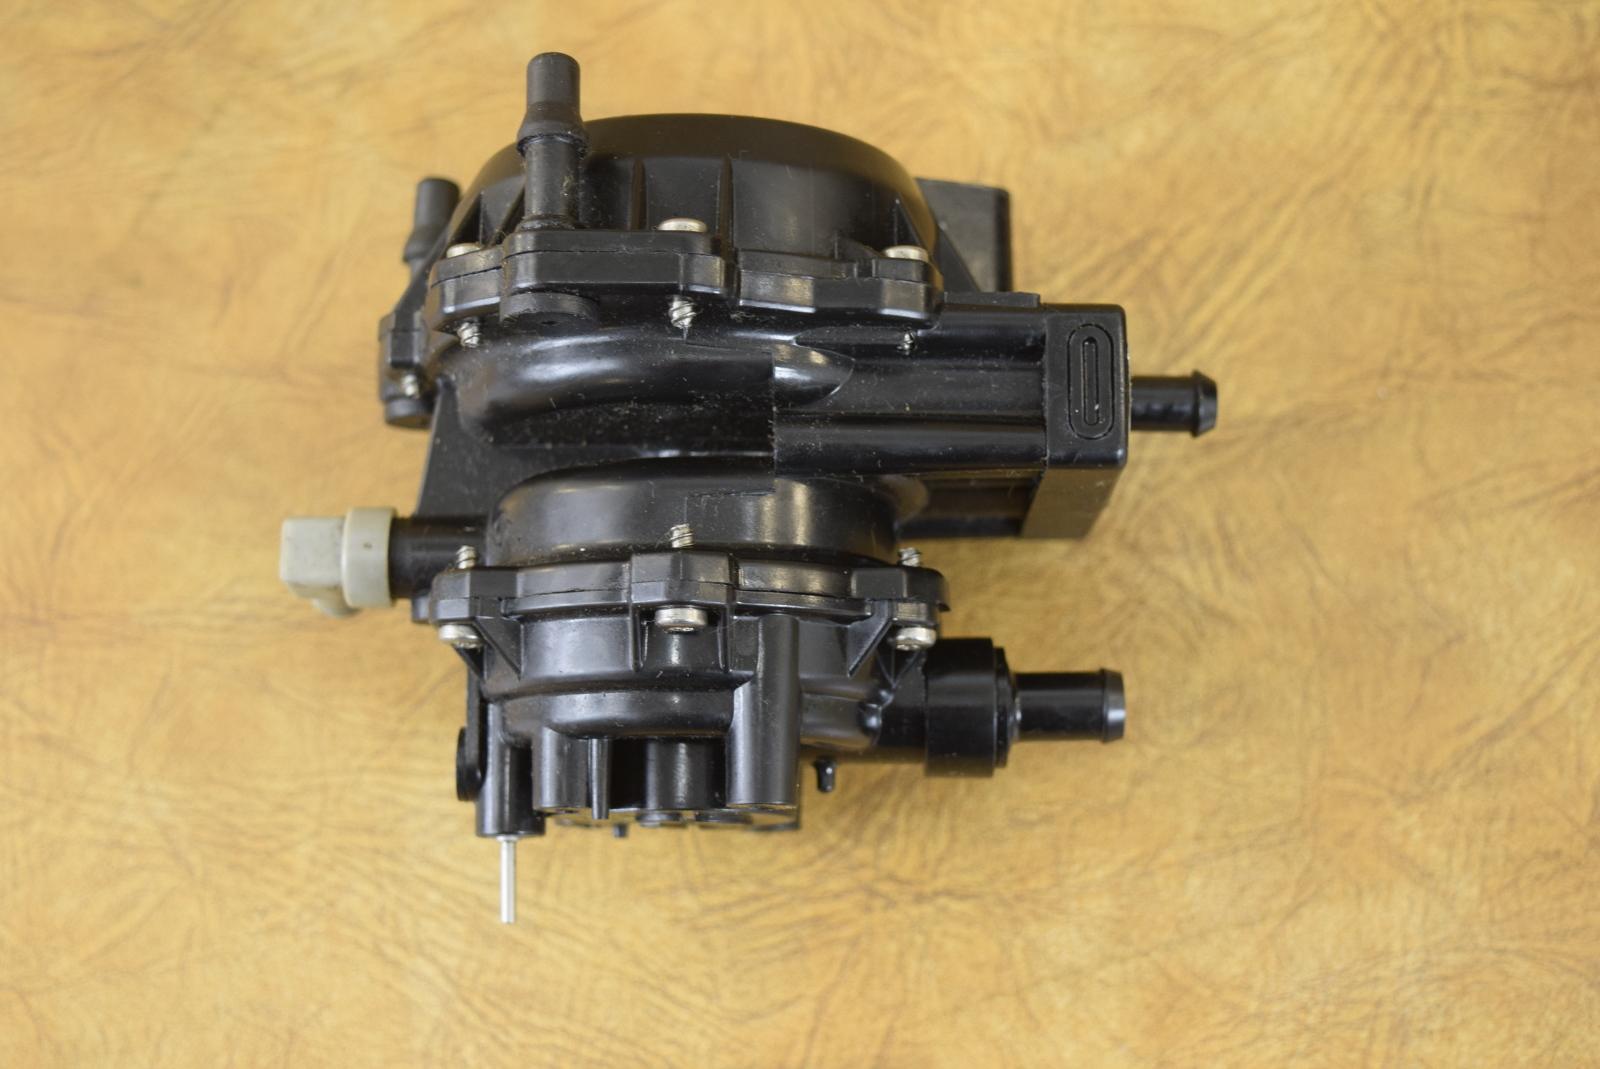 Rebuilt Johnson Evinrude 3 Wire Vro Pump 1986